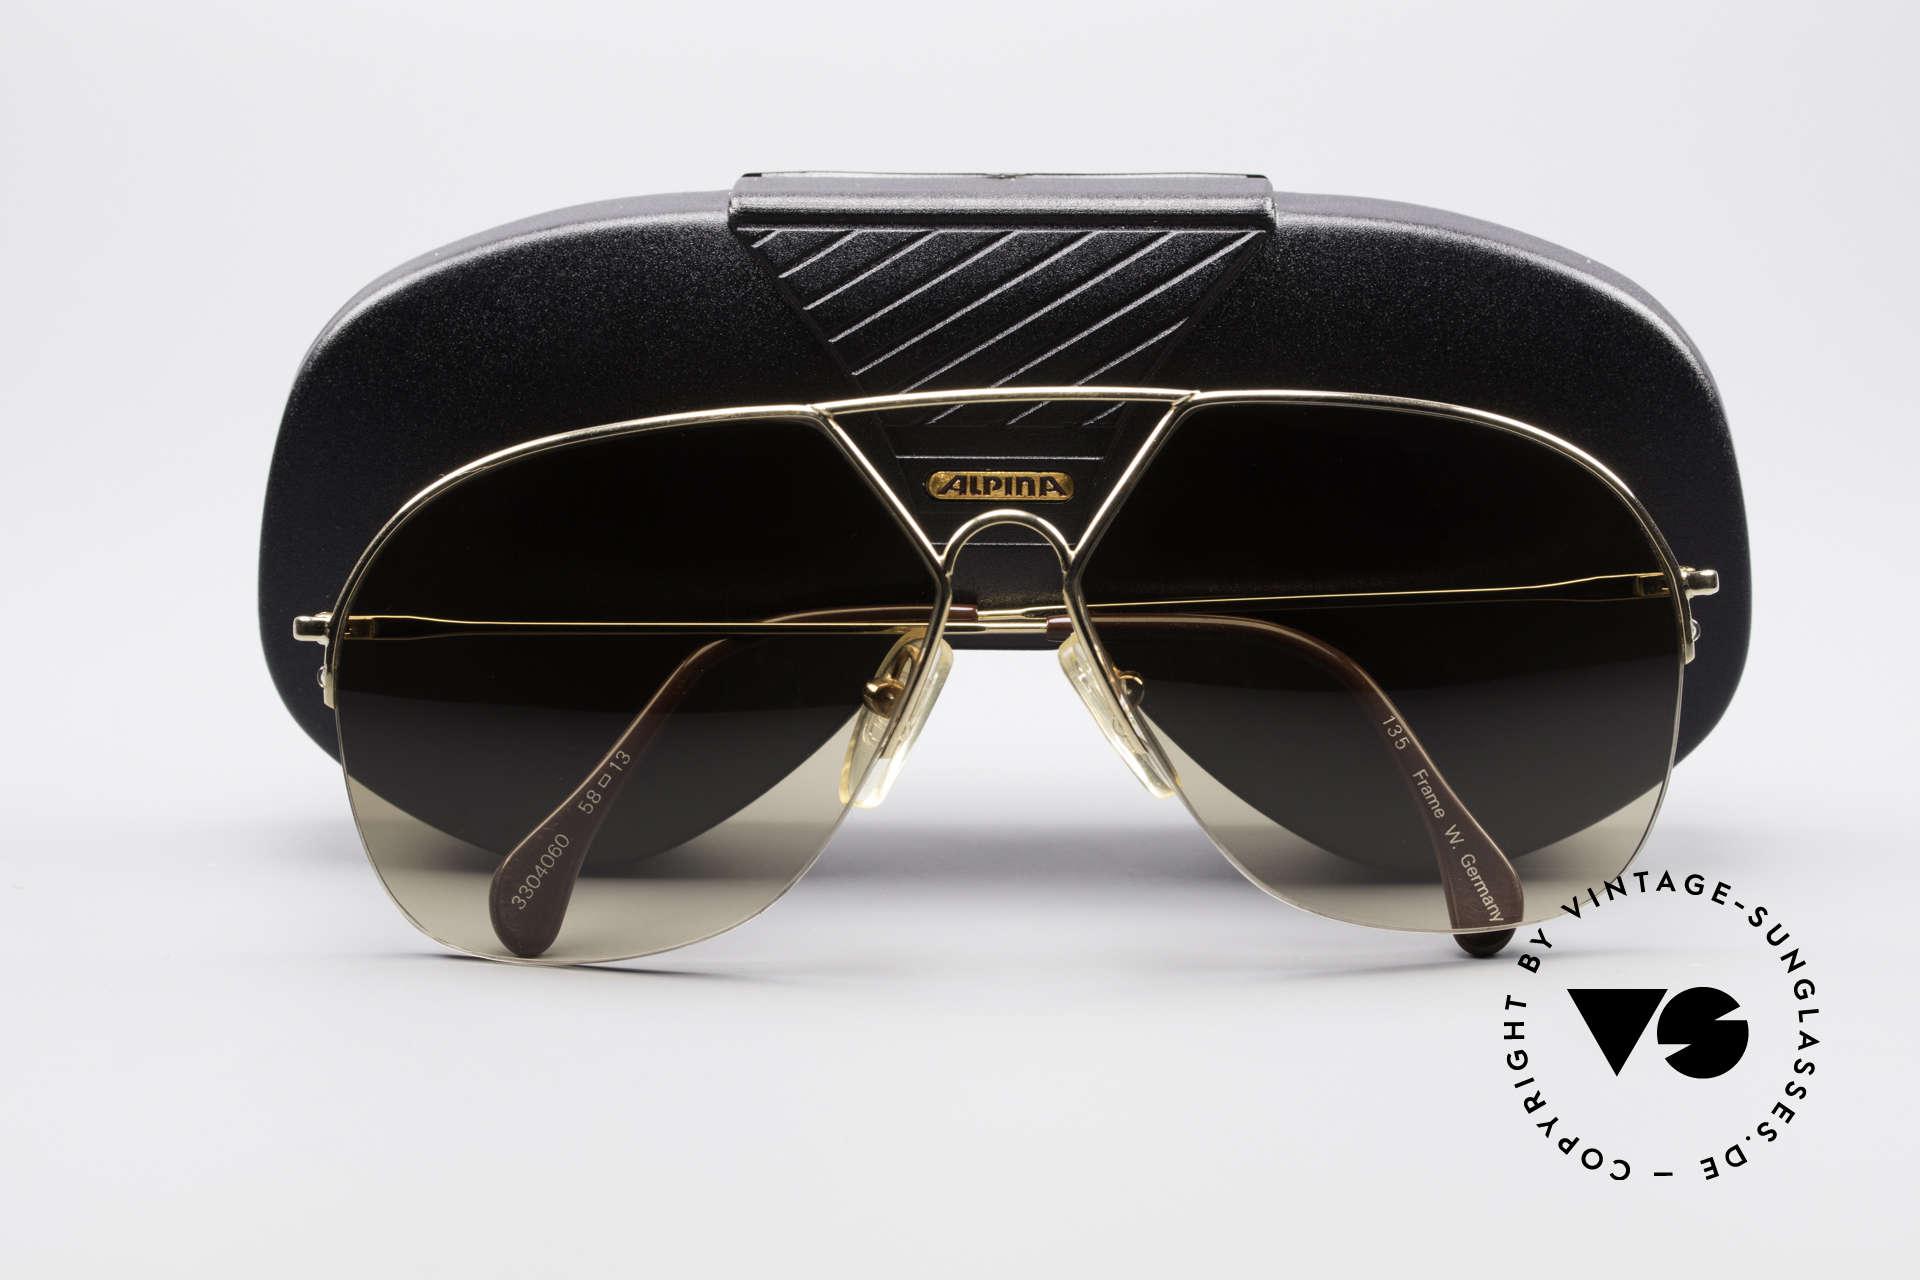 Alpina TR7 Halb Randlose Aviatorbrille, KEINE Retrosonnenbrille, ein 80er vintage Original, Passend für Herren